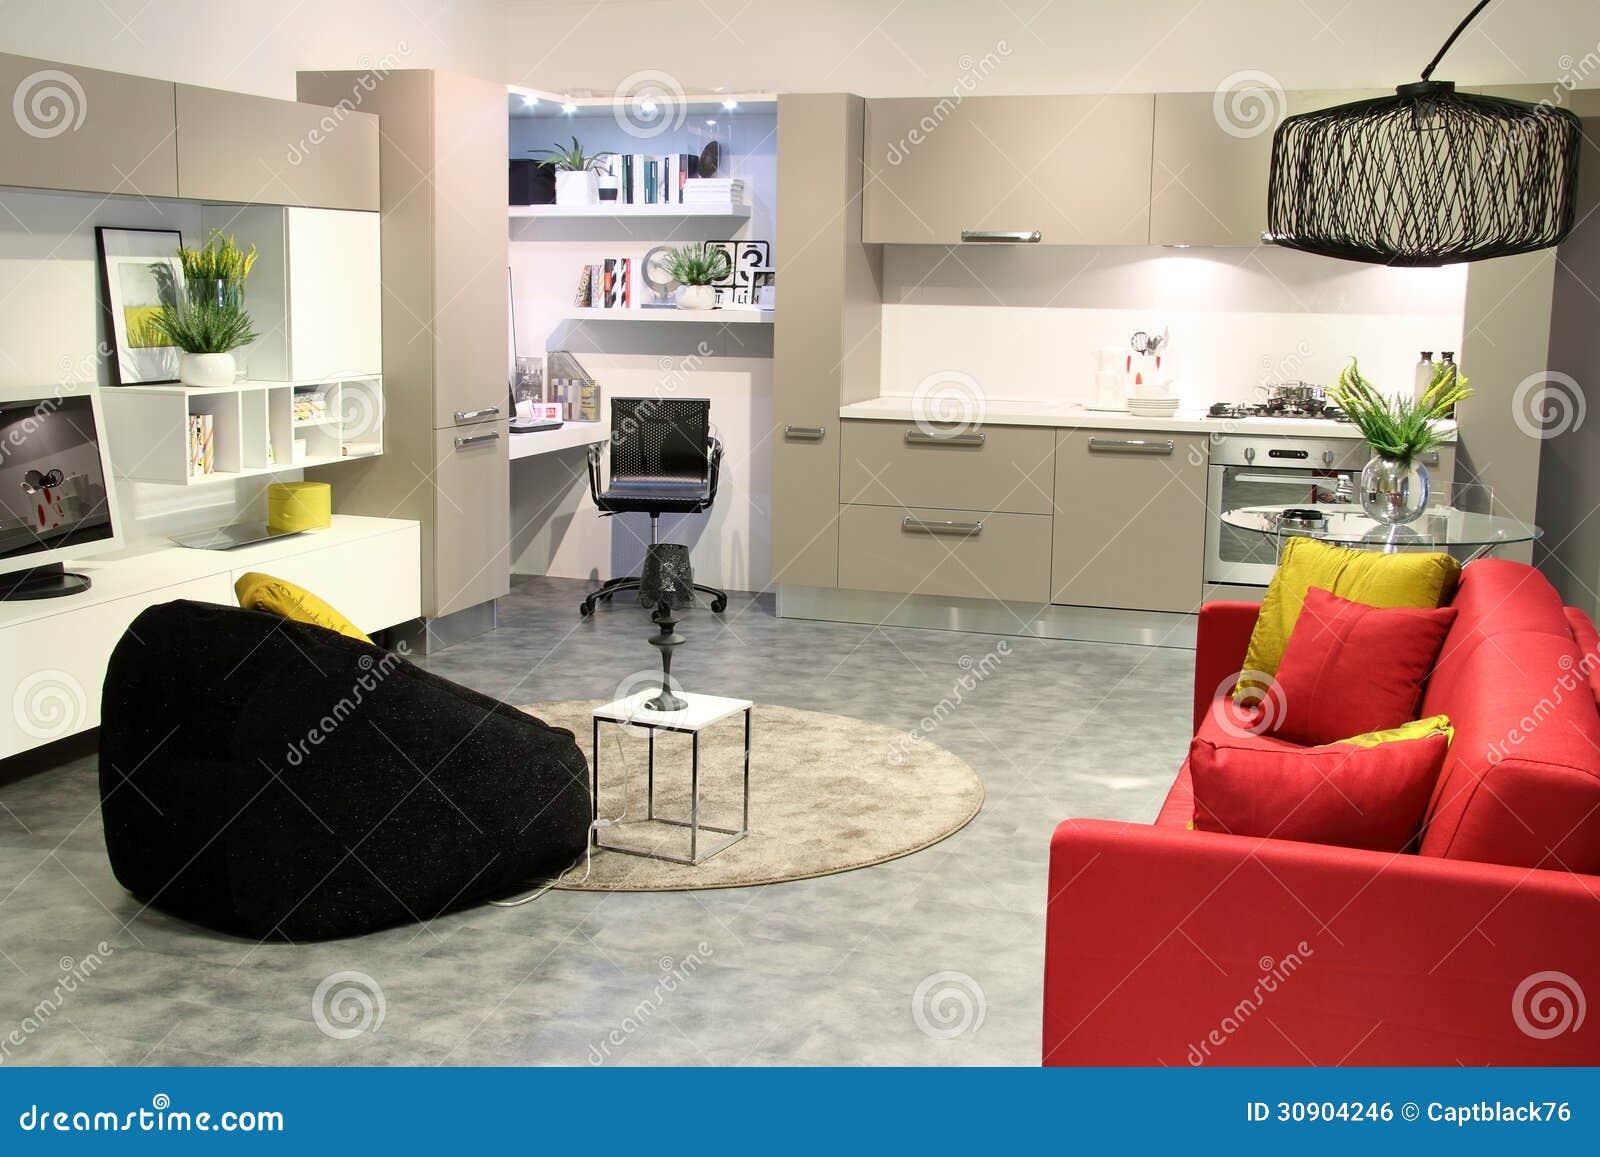 Kleurrijke moderne keuken en woonkamer royalty vrije stock afbeelding afbeelding 30904246 - Moderne keuken en woonkamer ...